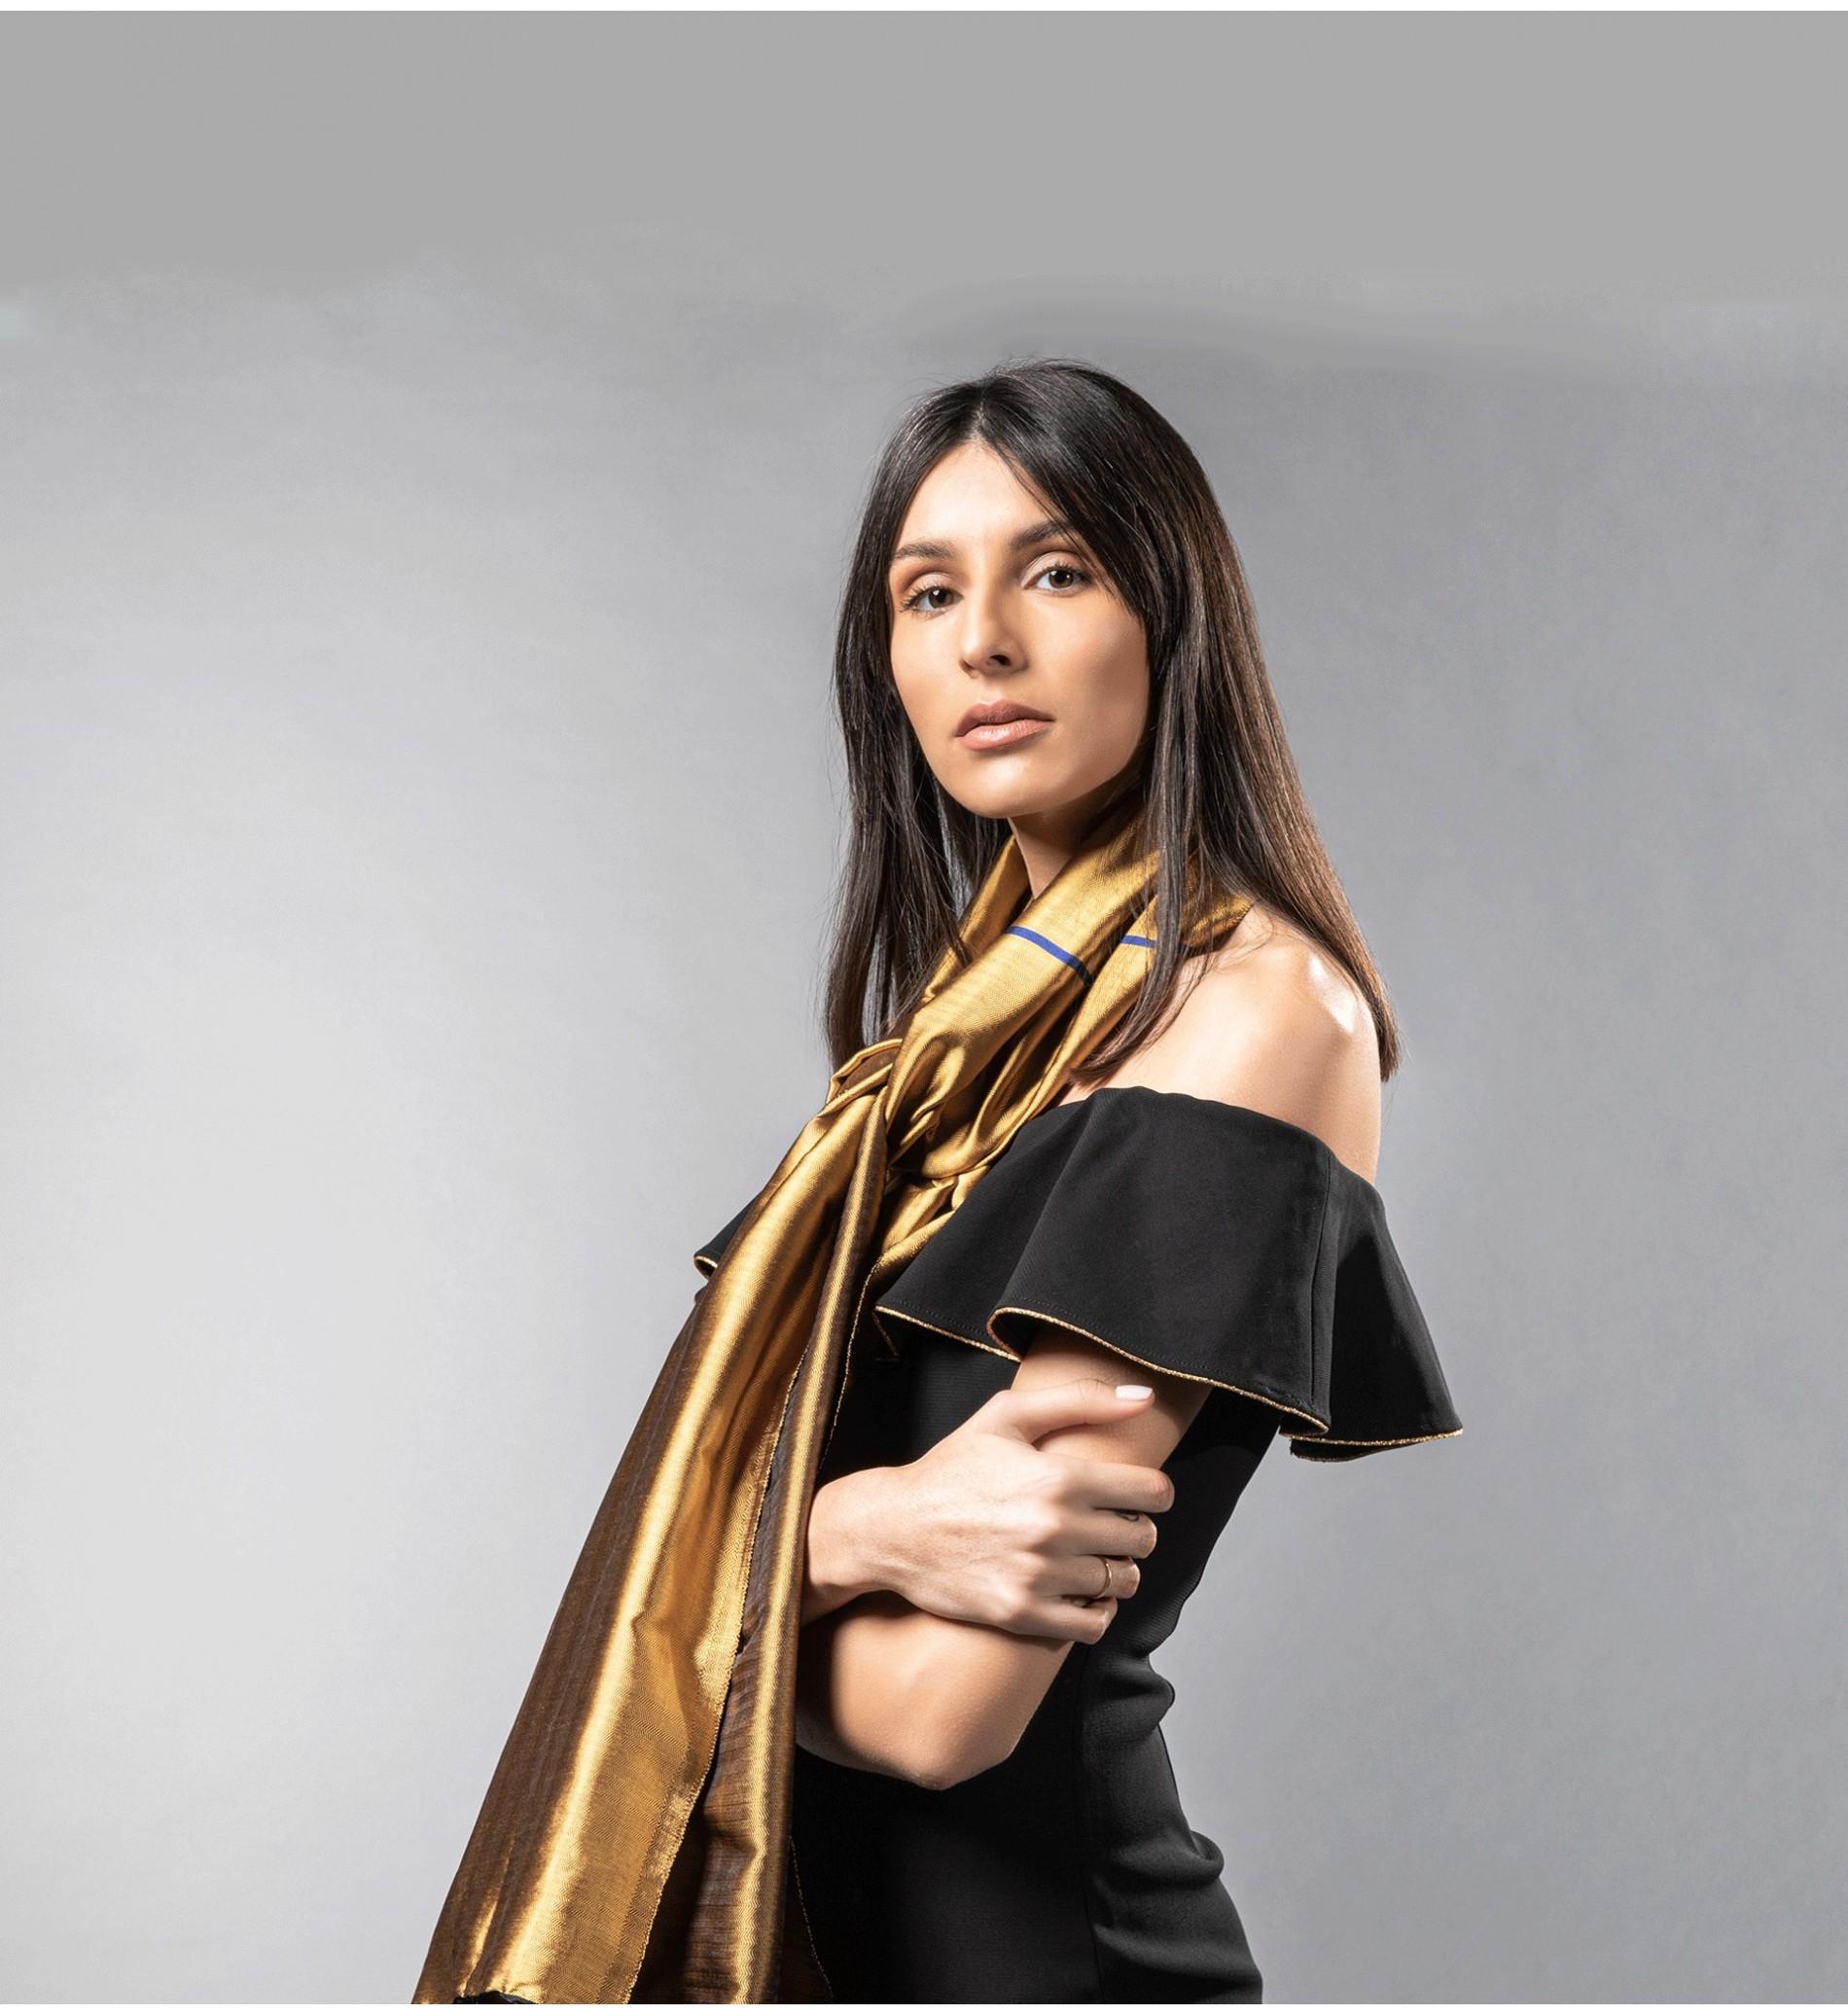 Echarpe pour Femme - Echarpe en Soie Fine pour Femme - Skila Tunisie